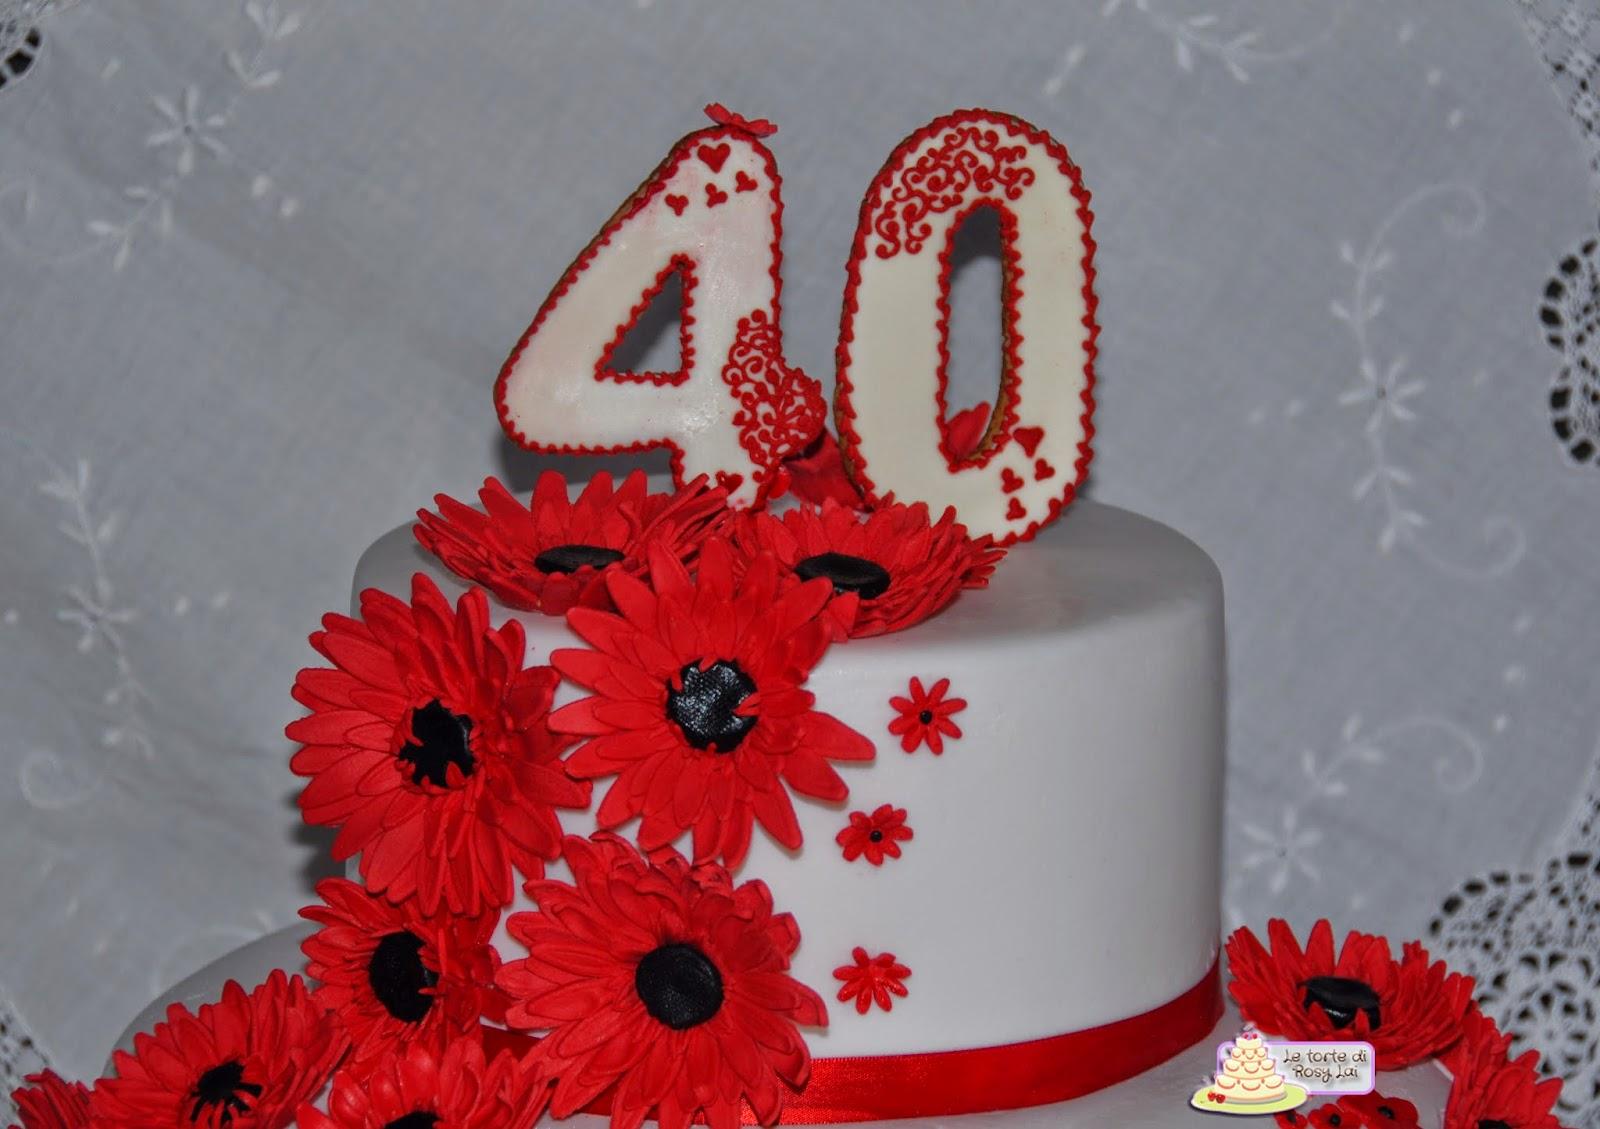 Le torte di rosy lai torta anni gerbere rosse